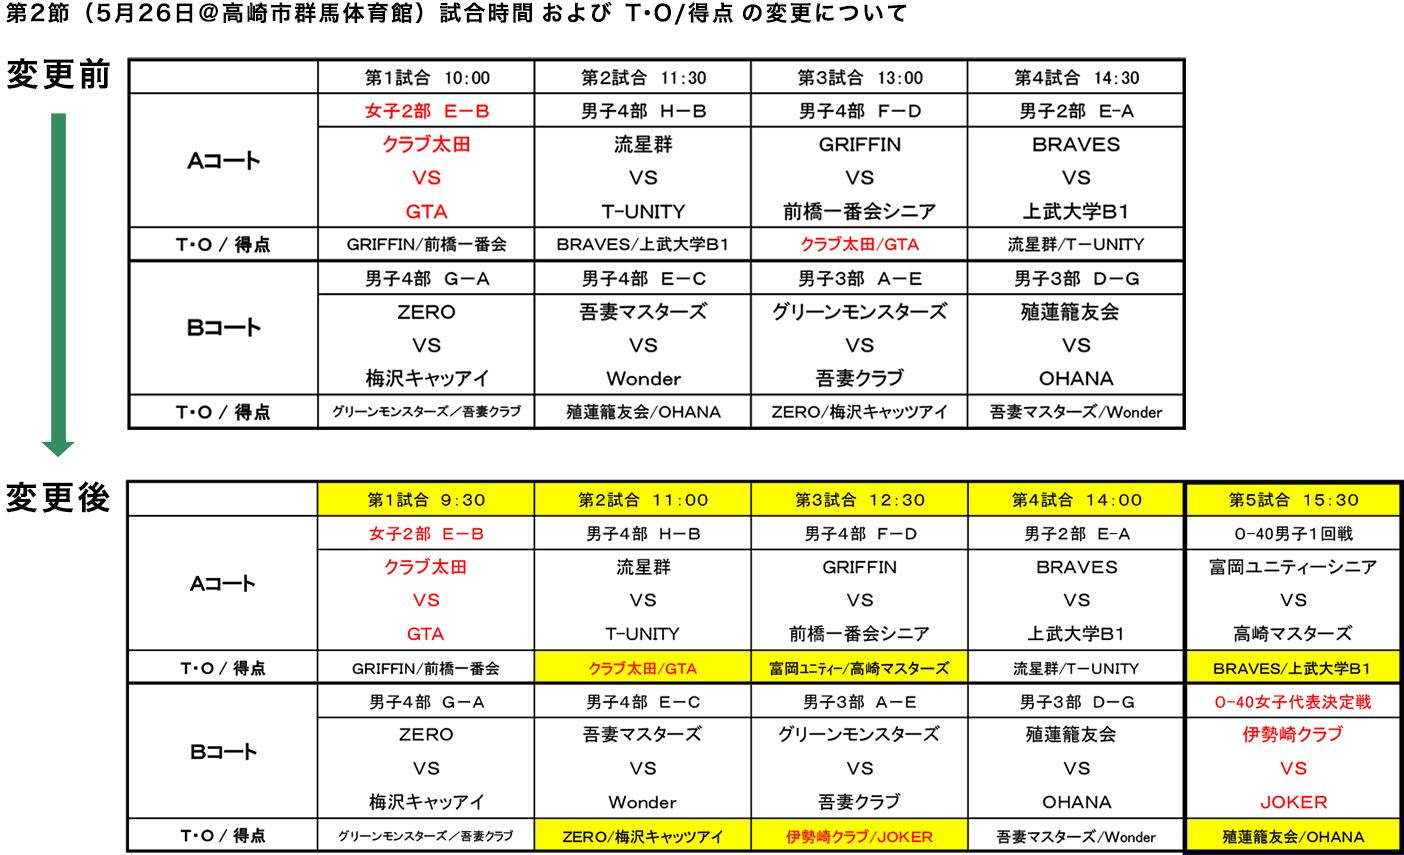 2019年度 社会人リーグ 第2節(5/26) 試合開始時間およびT・O/得点の割り当て変更について